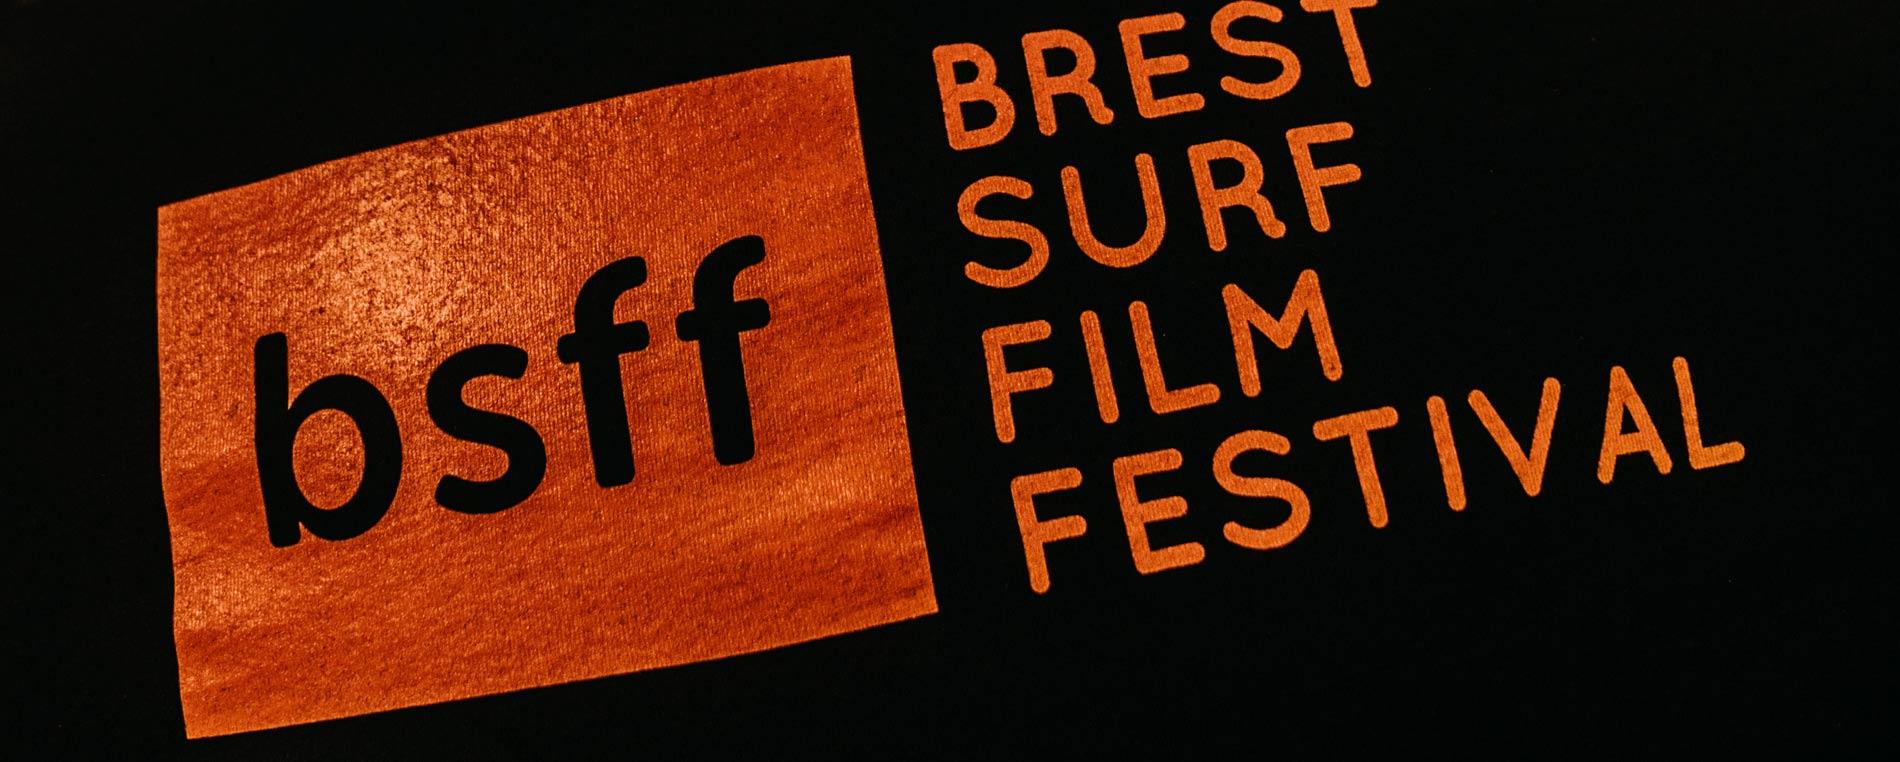 Brest Surf Film Festival